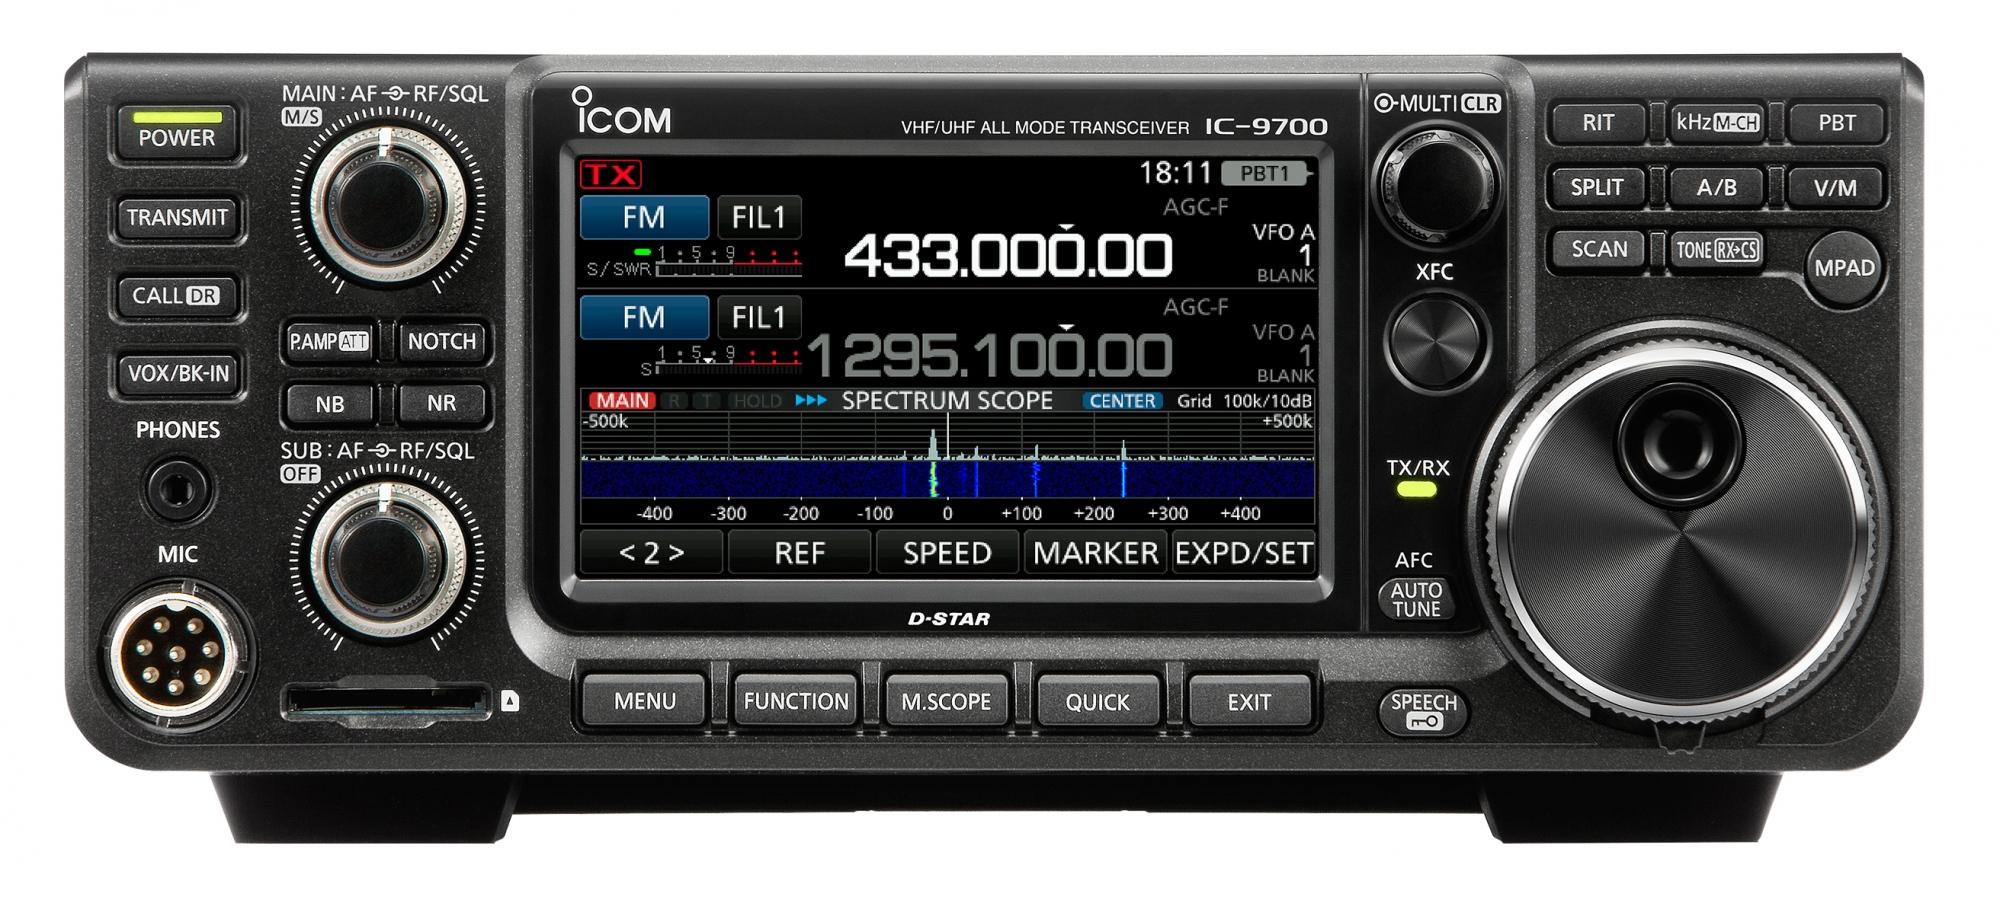 ic-9700ang Amateur ICOM